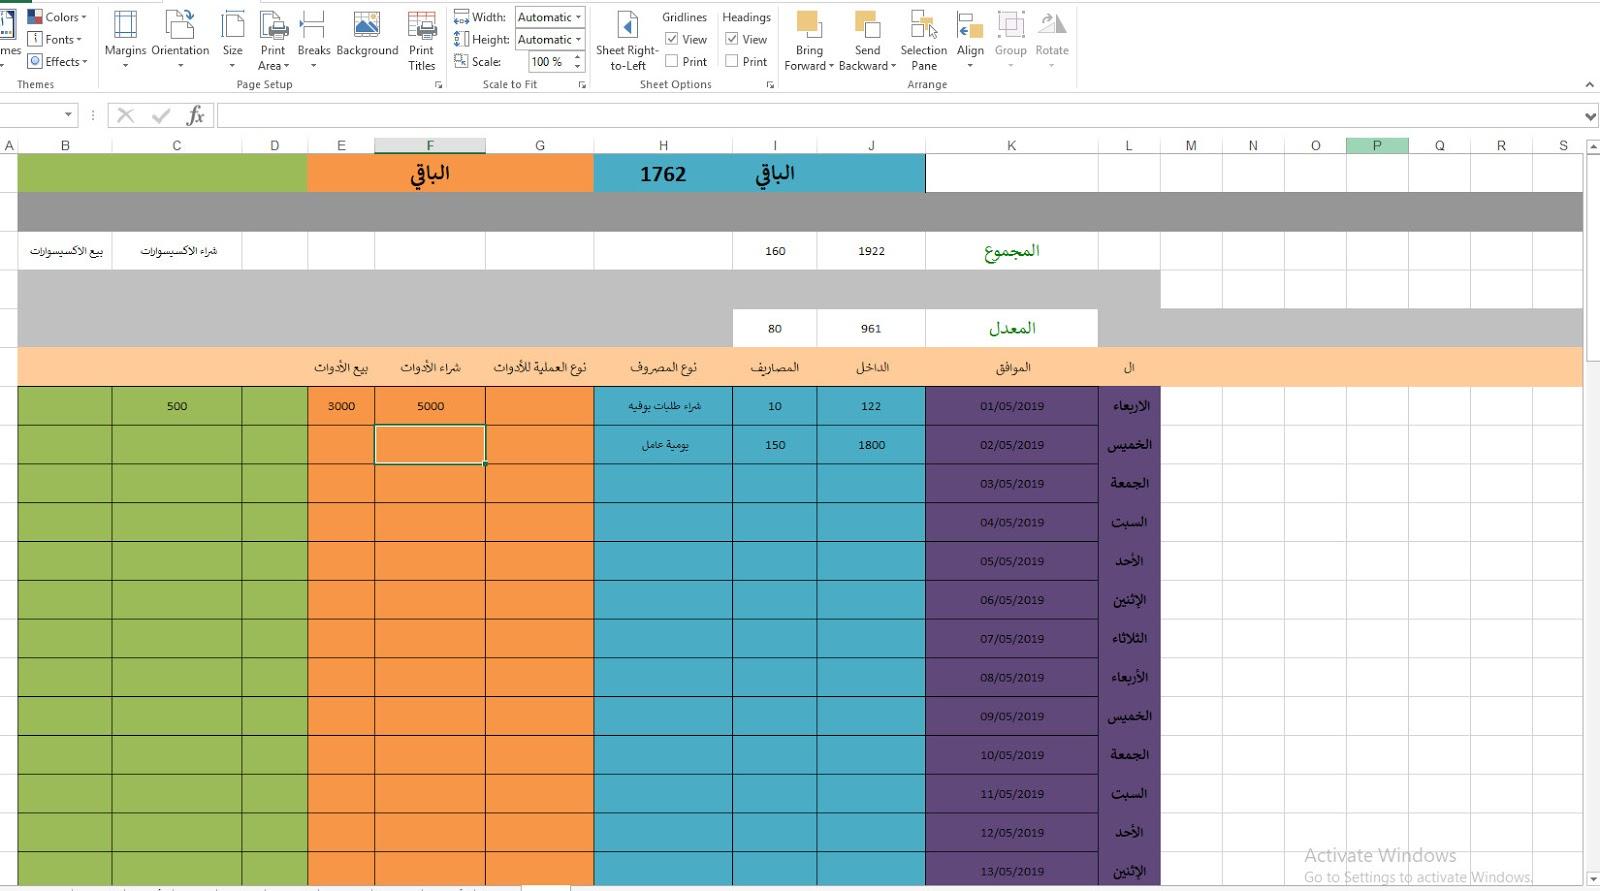 دورة هائل سقف نموذج موازنة تقديرية Excel مجوهرات Loudounhorseassociation Org